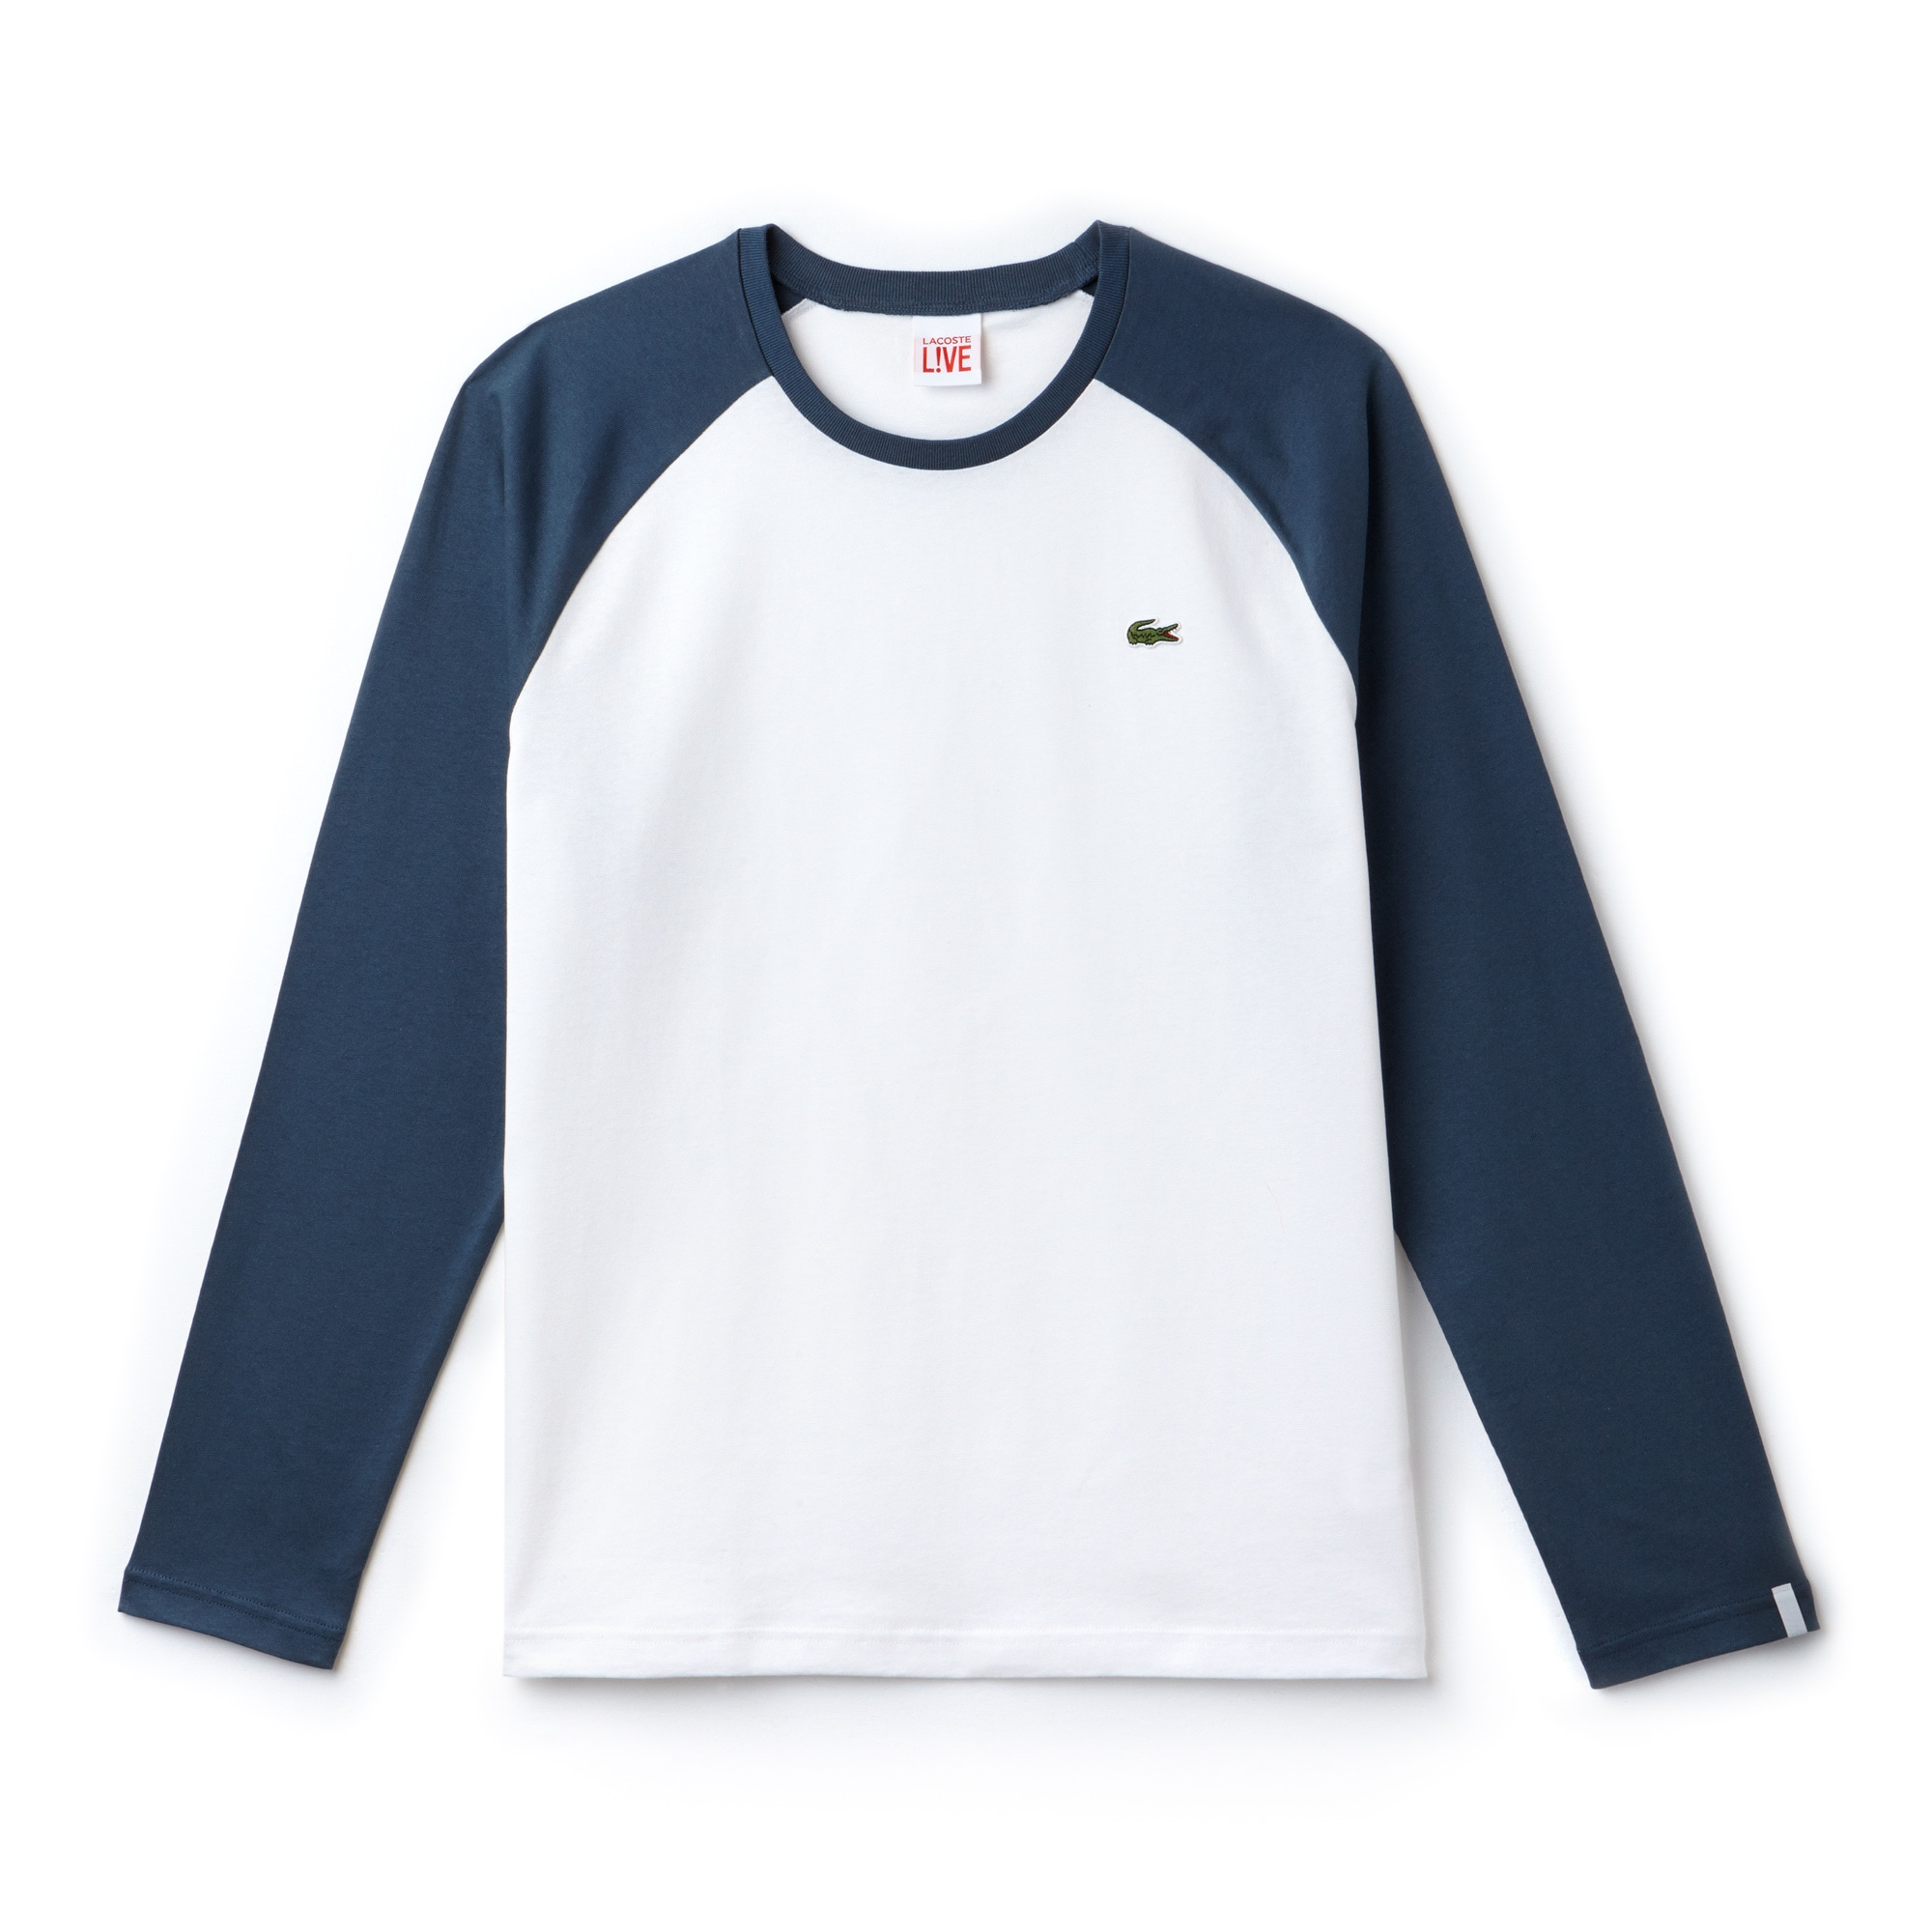 Men's Lacoste LIVE Bicolour Jersey T-shirt